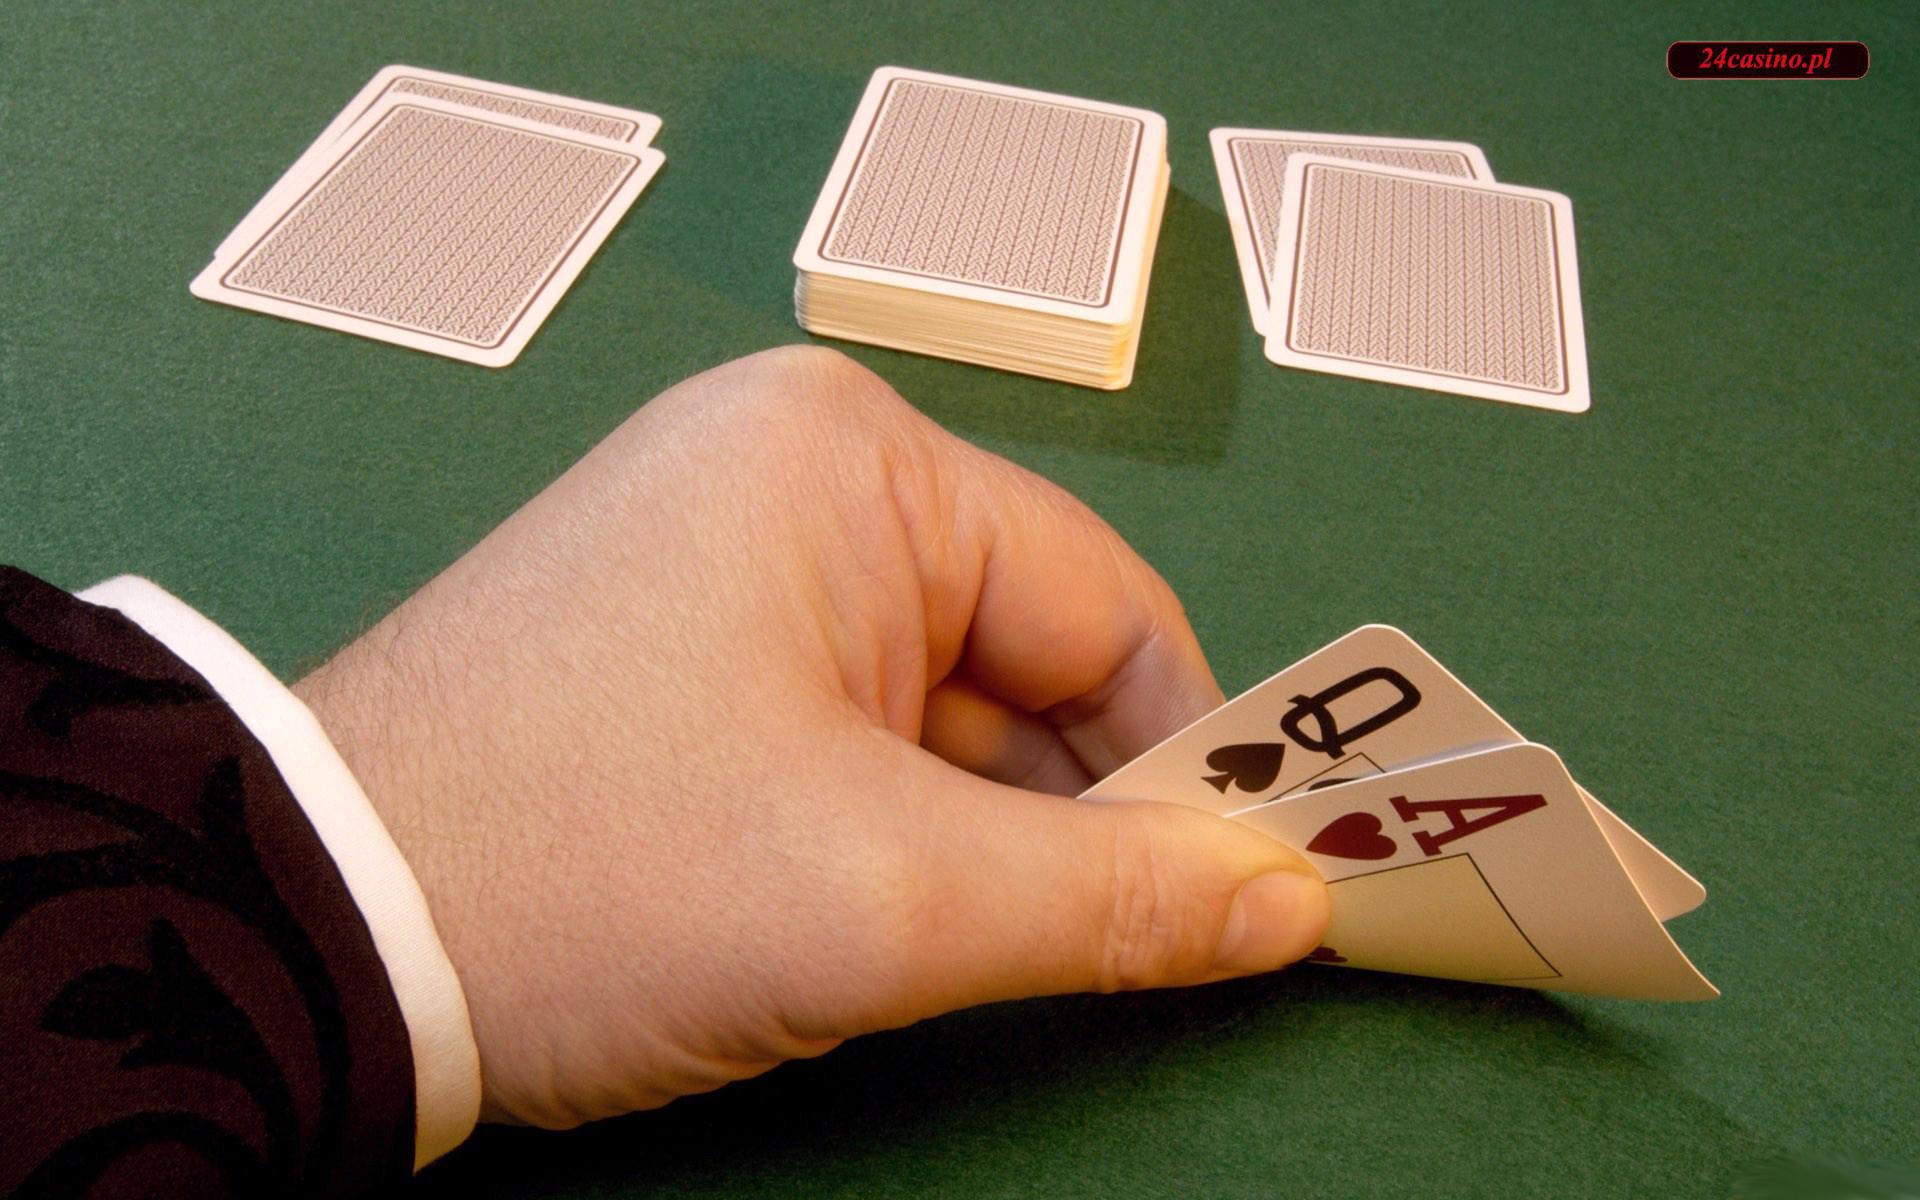 kasyno hazardu